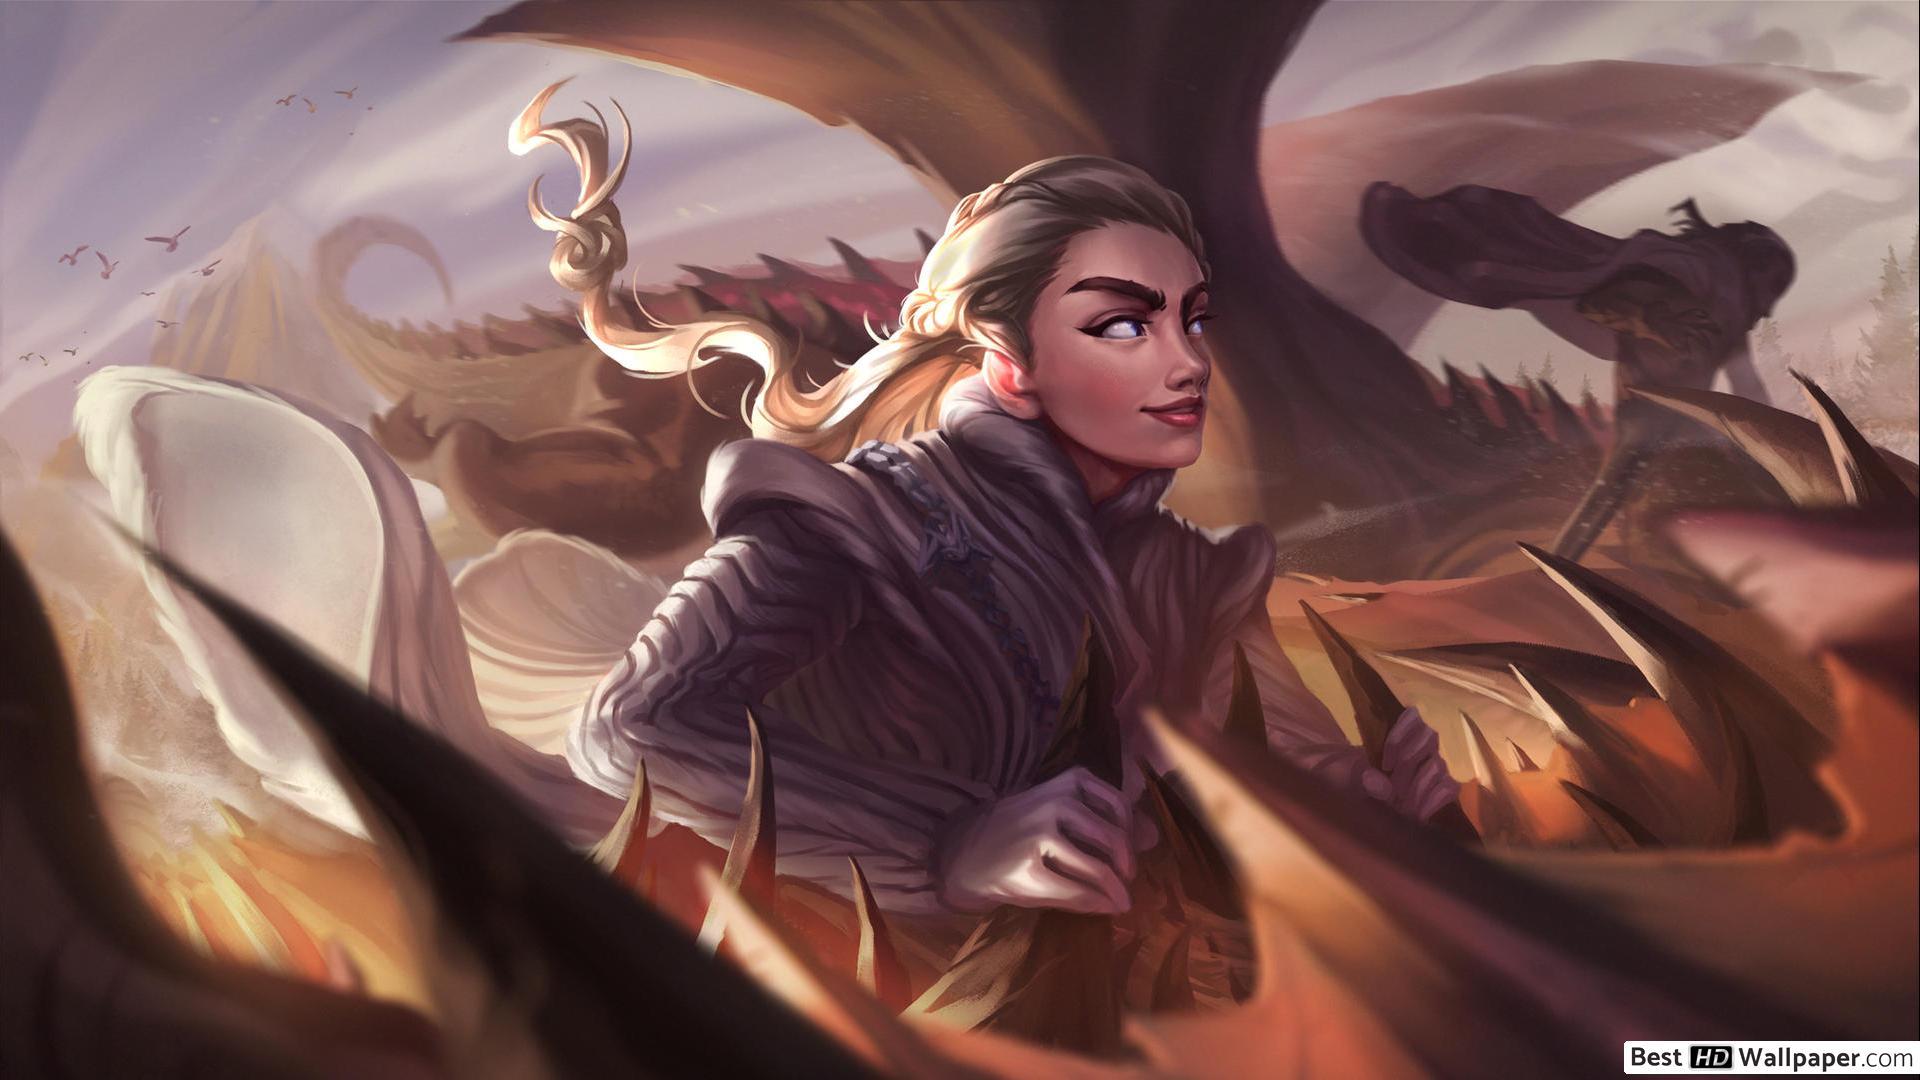 Game Of Thrones Daenerys Fan Art - HD Wallpaper